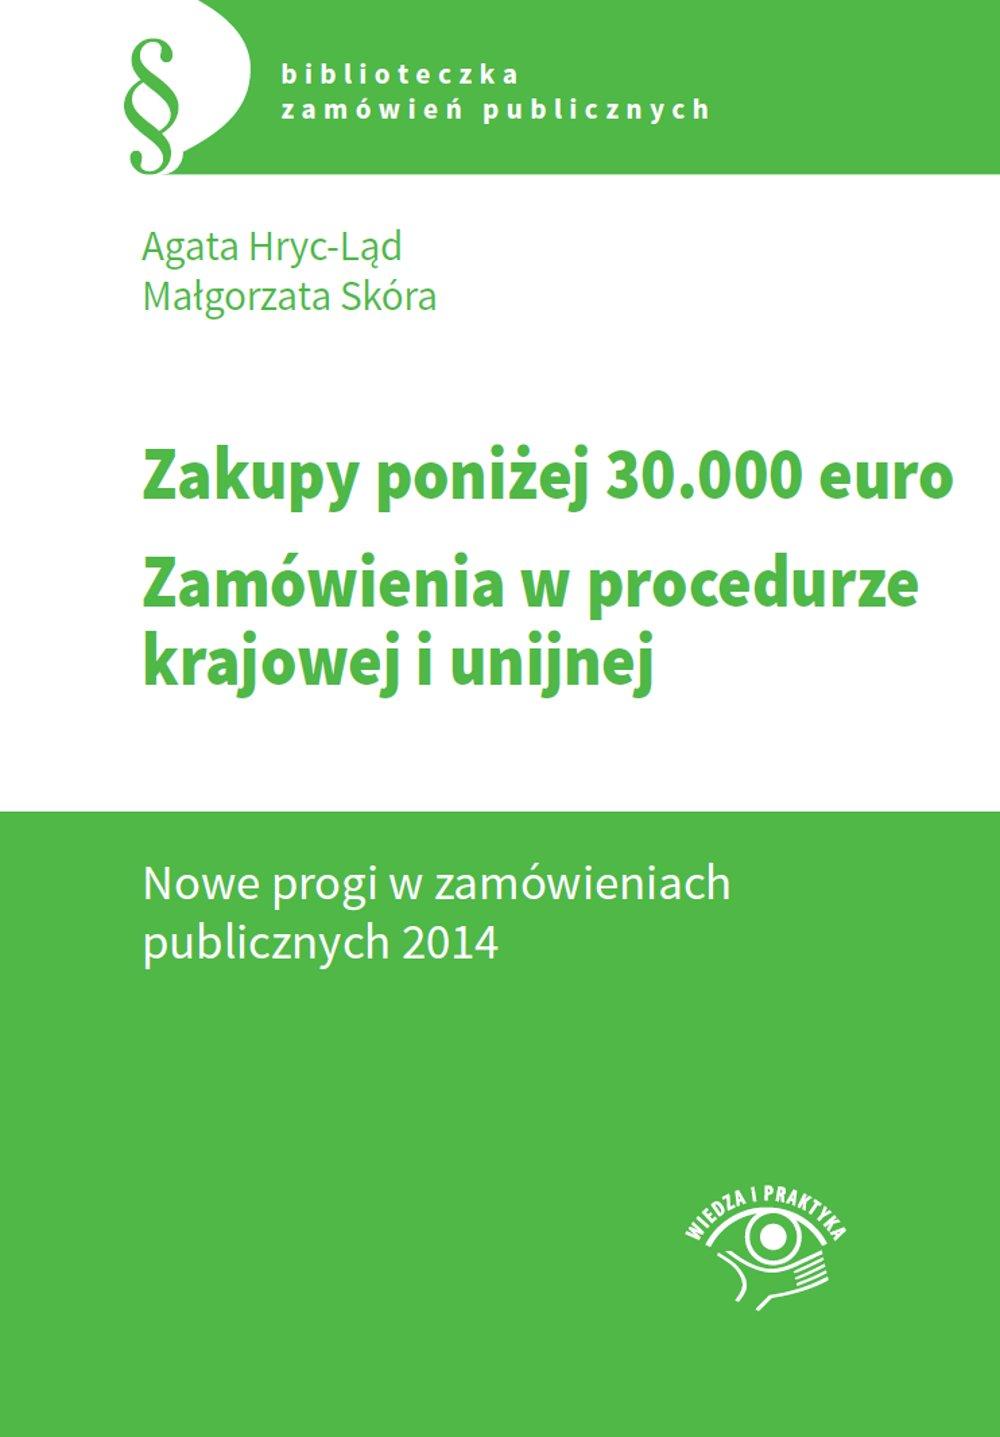 Zakupy do 30 tys. euro. Zamówienia w procedurze krajowej i unijnej. Nowe progi w zamówieniach publicznych 2014 - Ebook (Książka PDF) do pobrania w formacie PDF